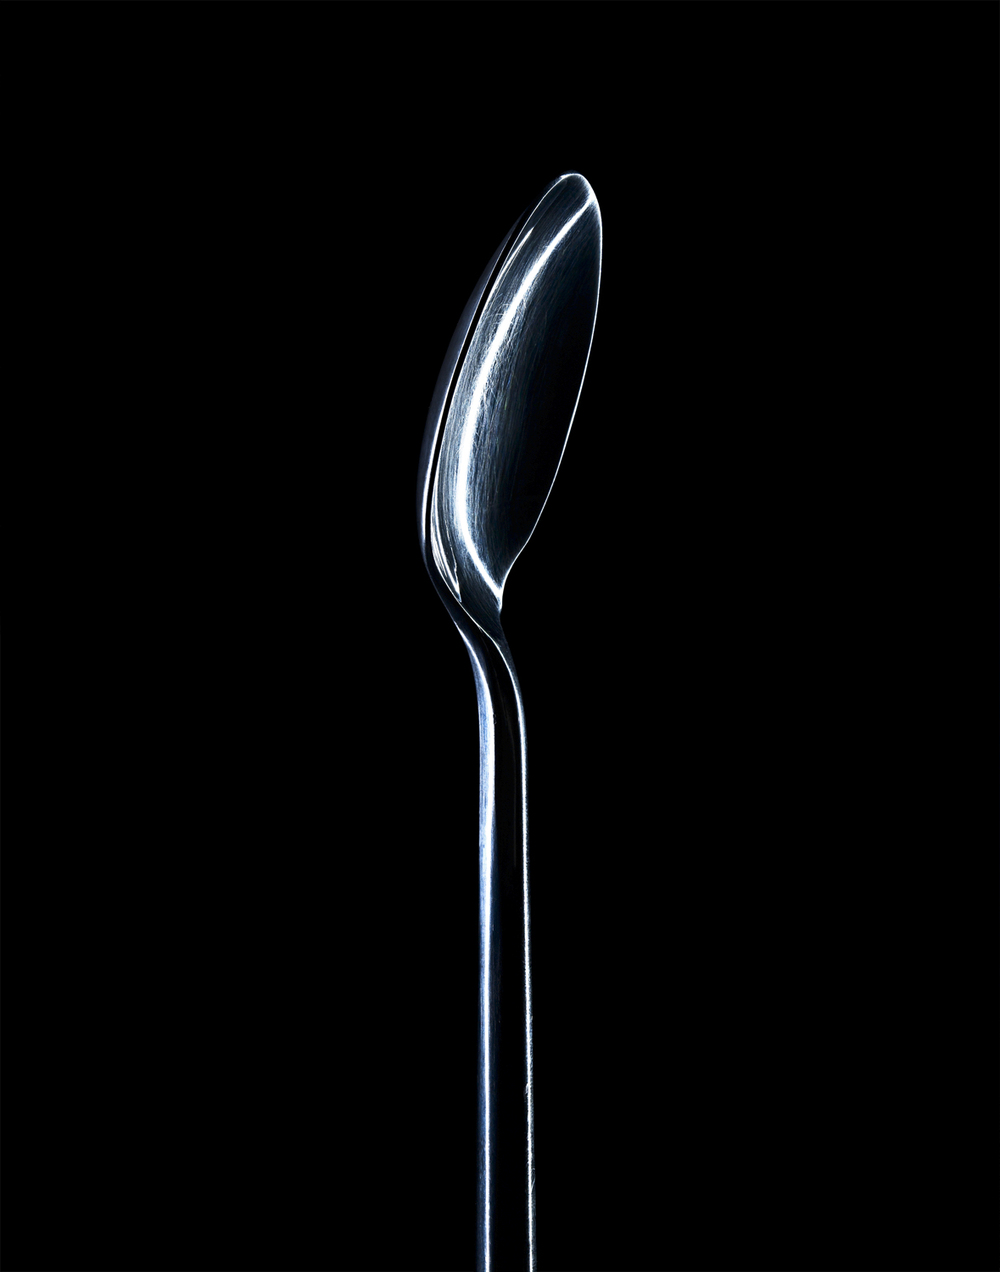 Spoon.jpg